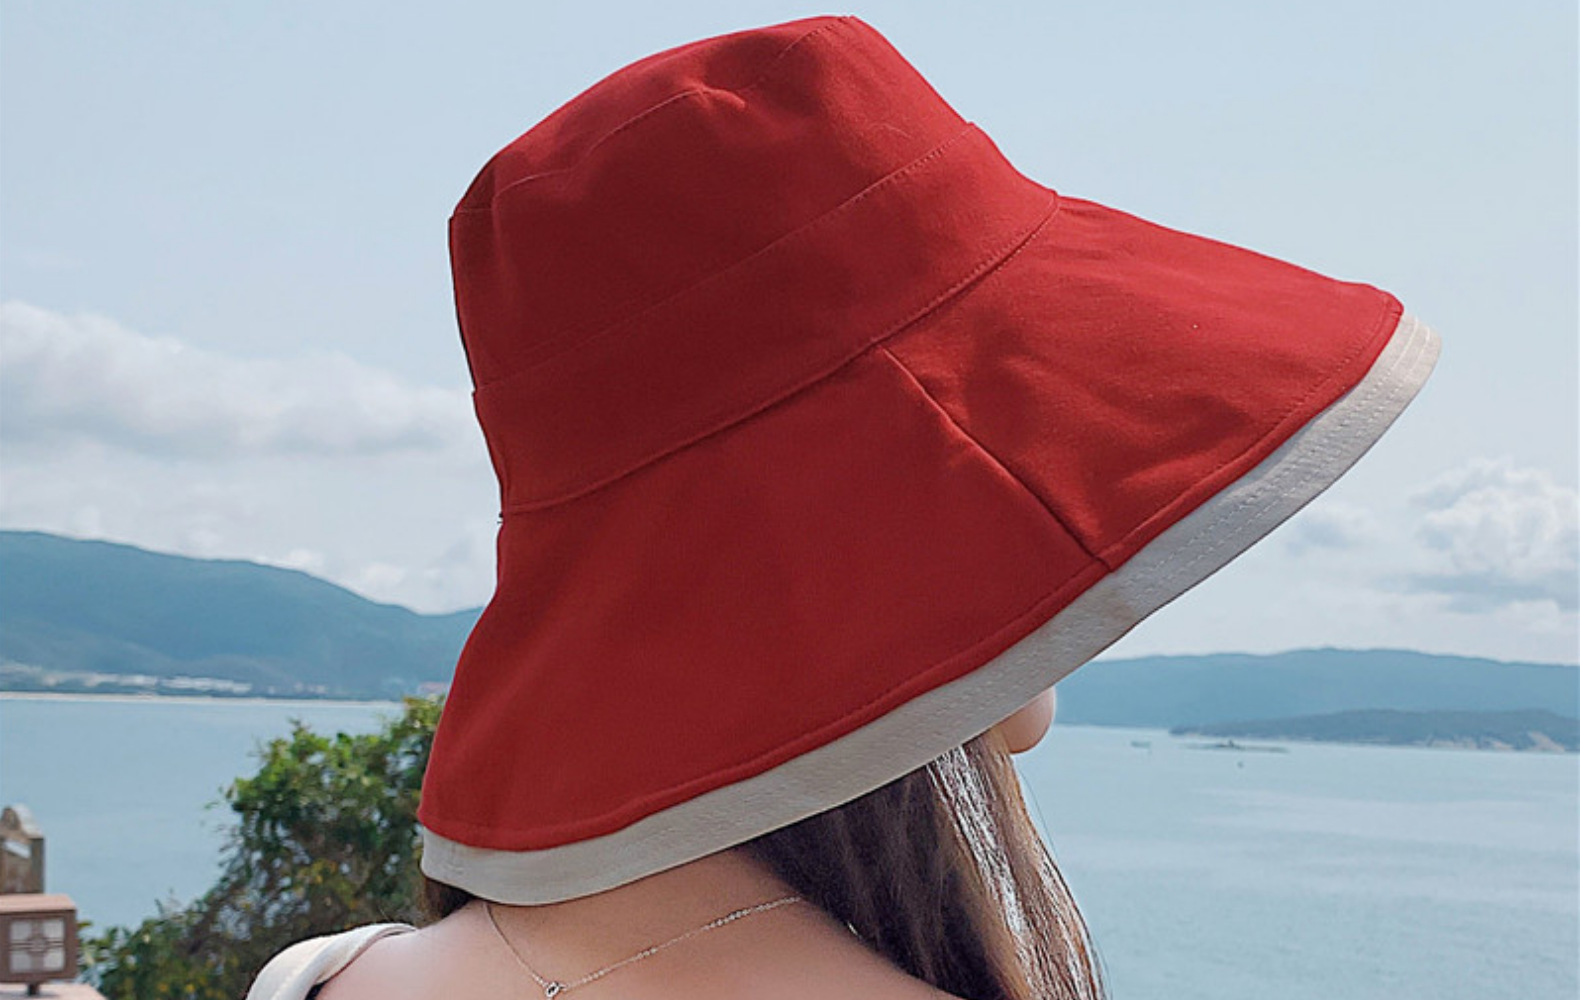 product小_奇妙_渔夫帽